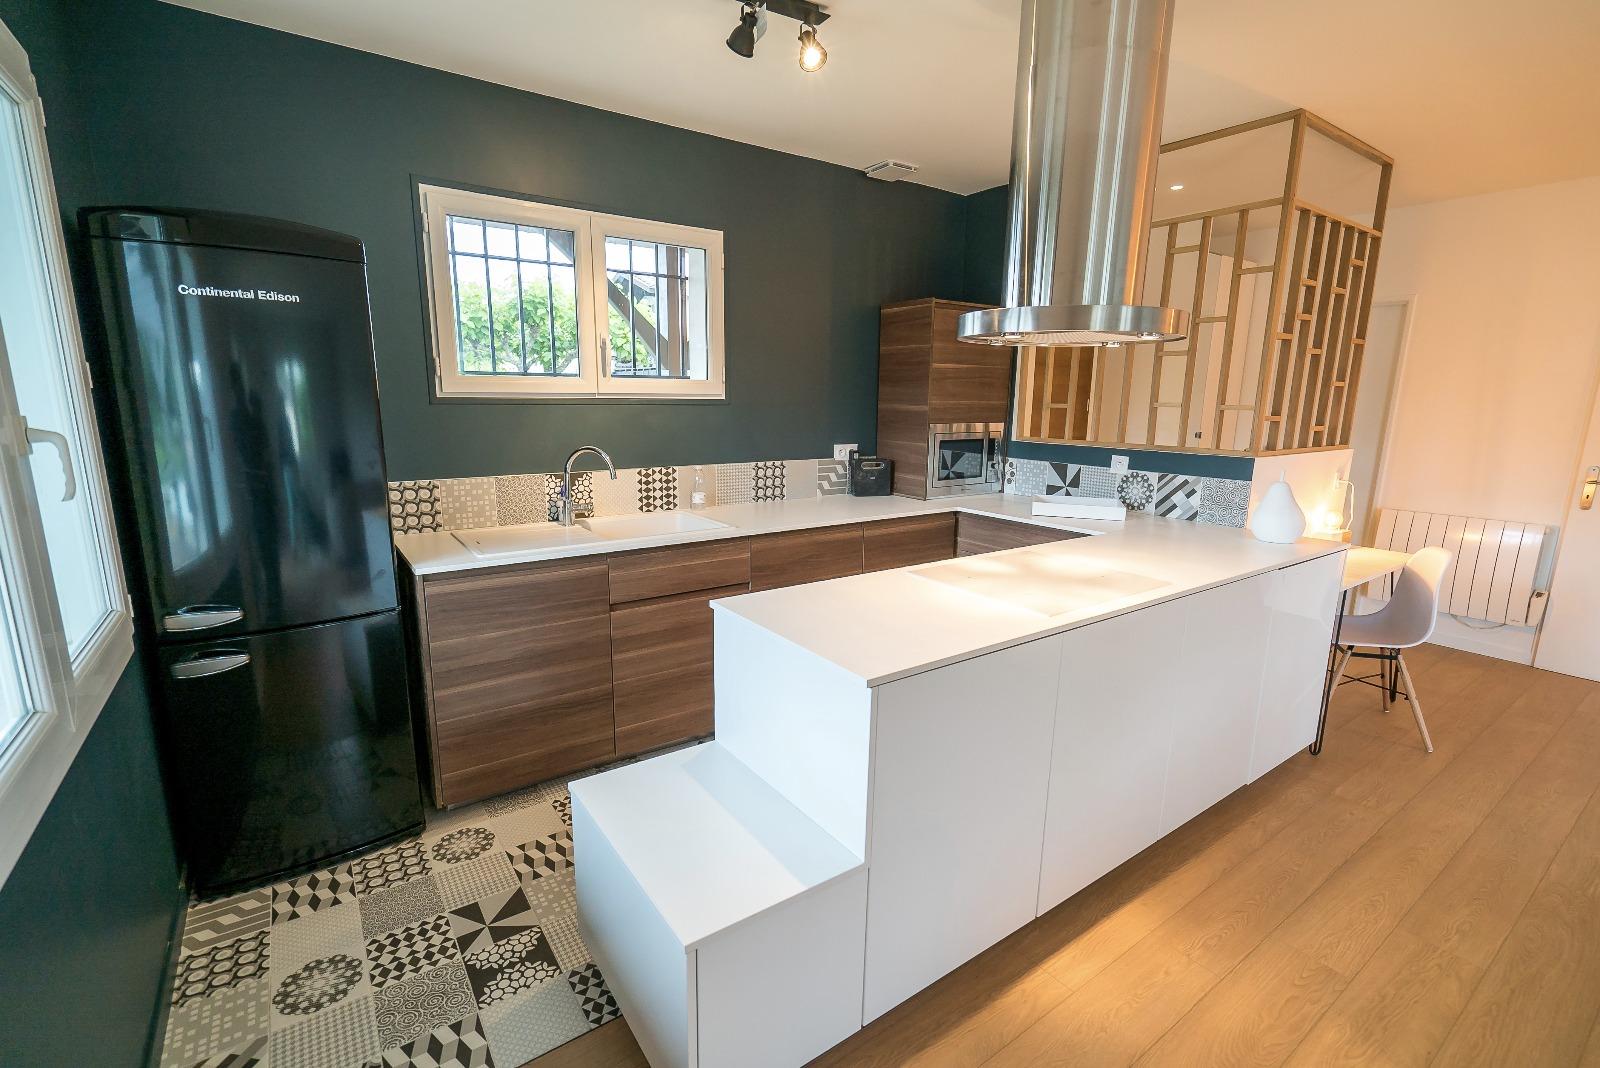 vente villa gujan mestras 33470 94m avec 4 pi ce s dont 3 chambre s sur 405m de terrain. Black Bedroom Furniture Sets. Home Design Ideas